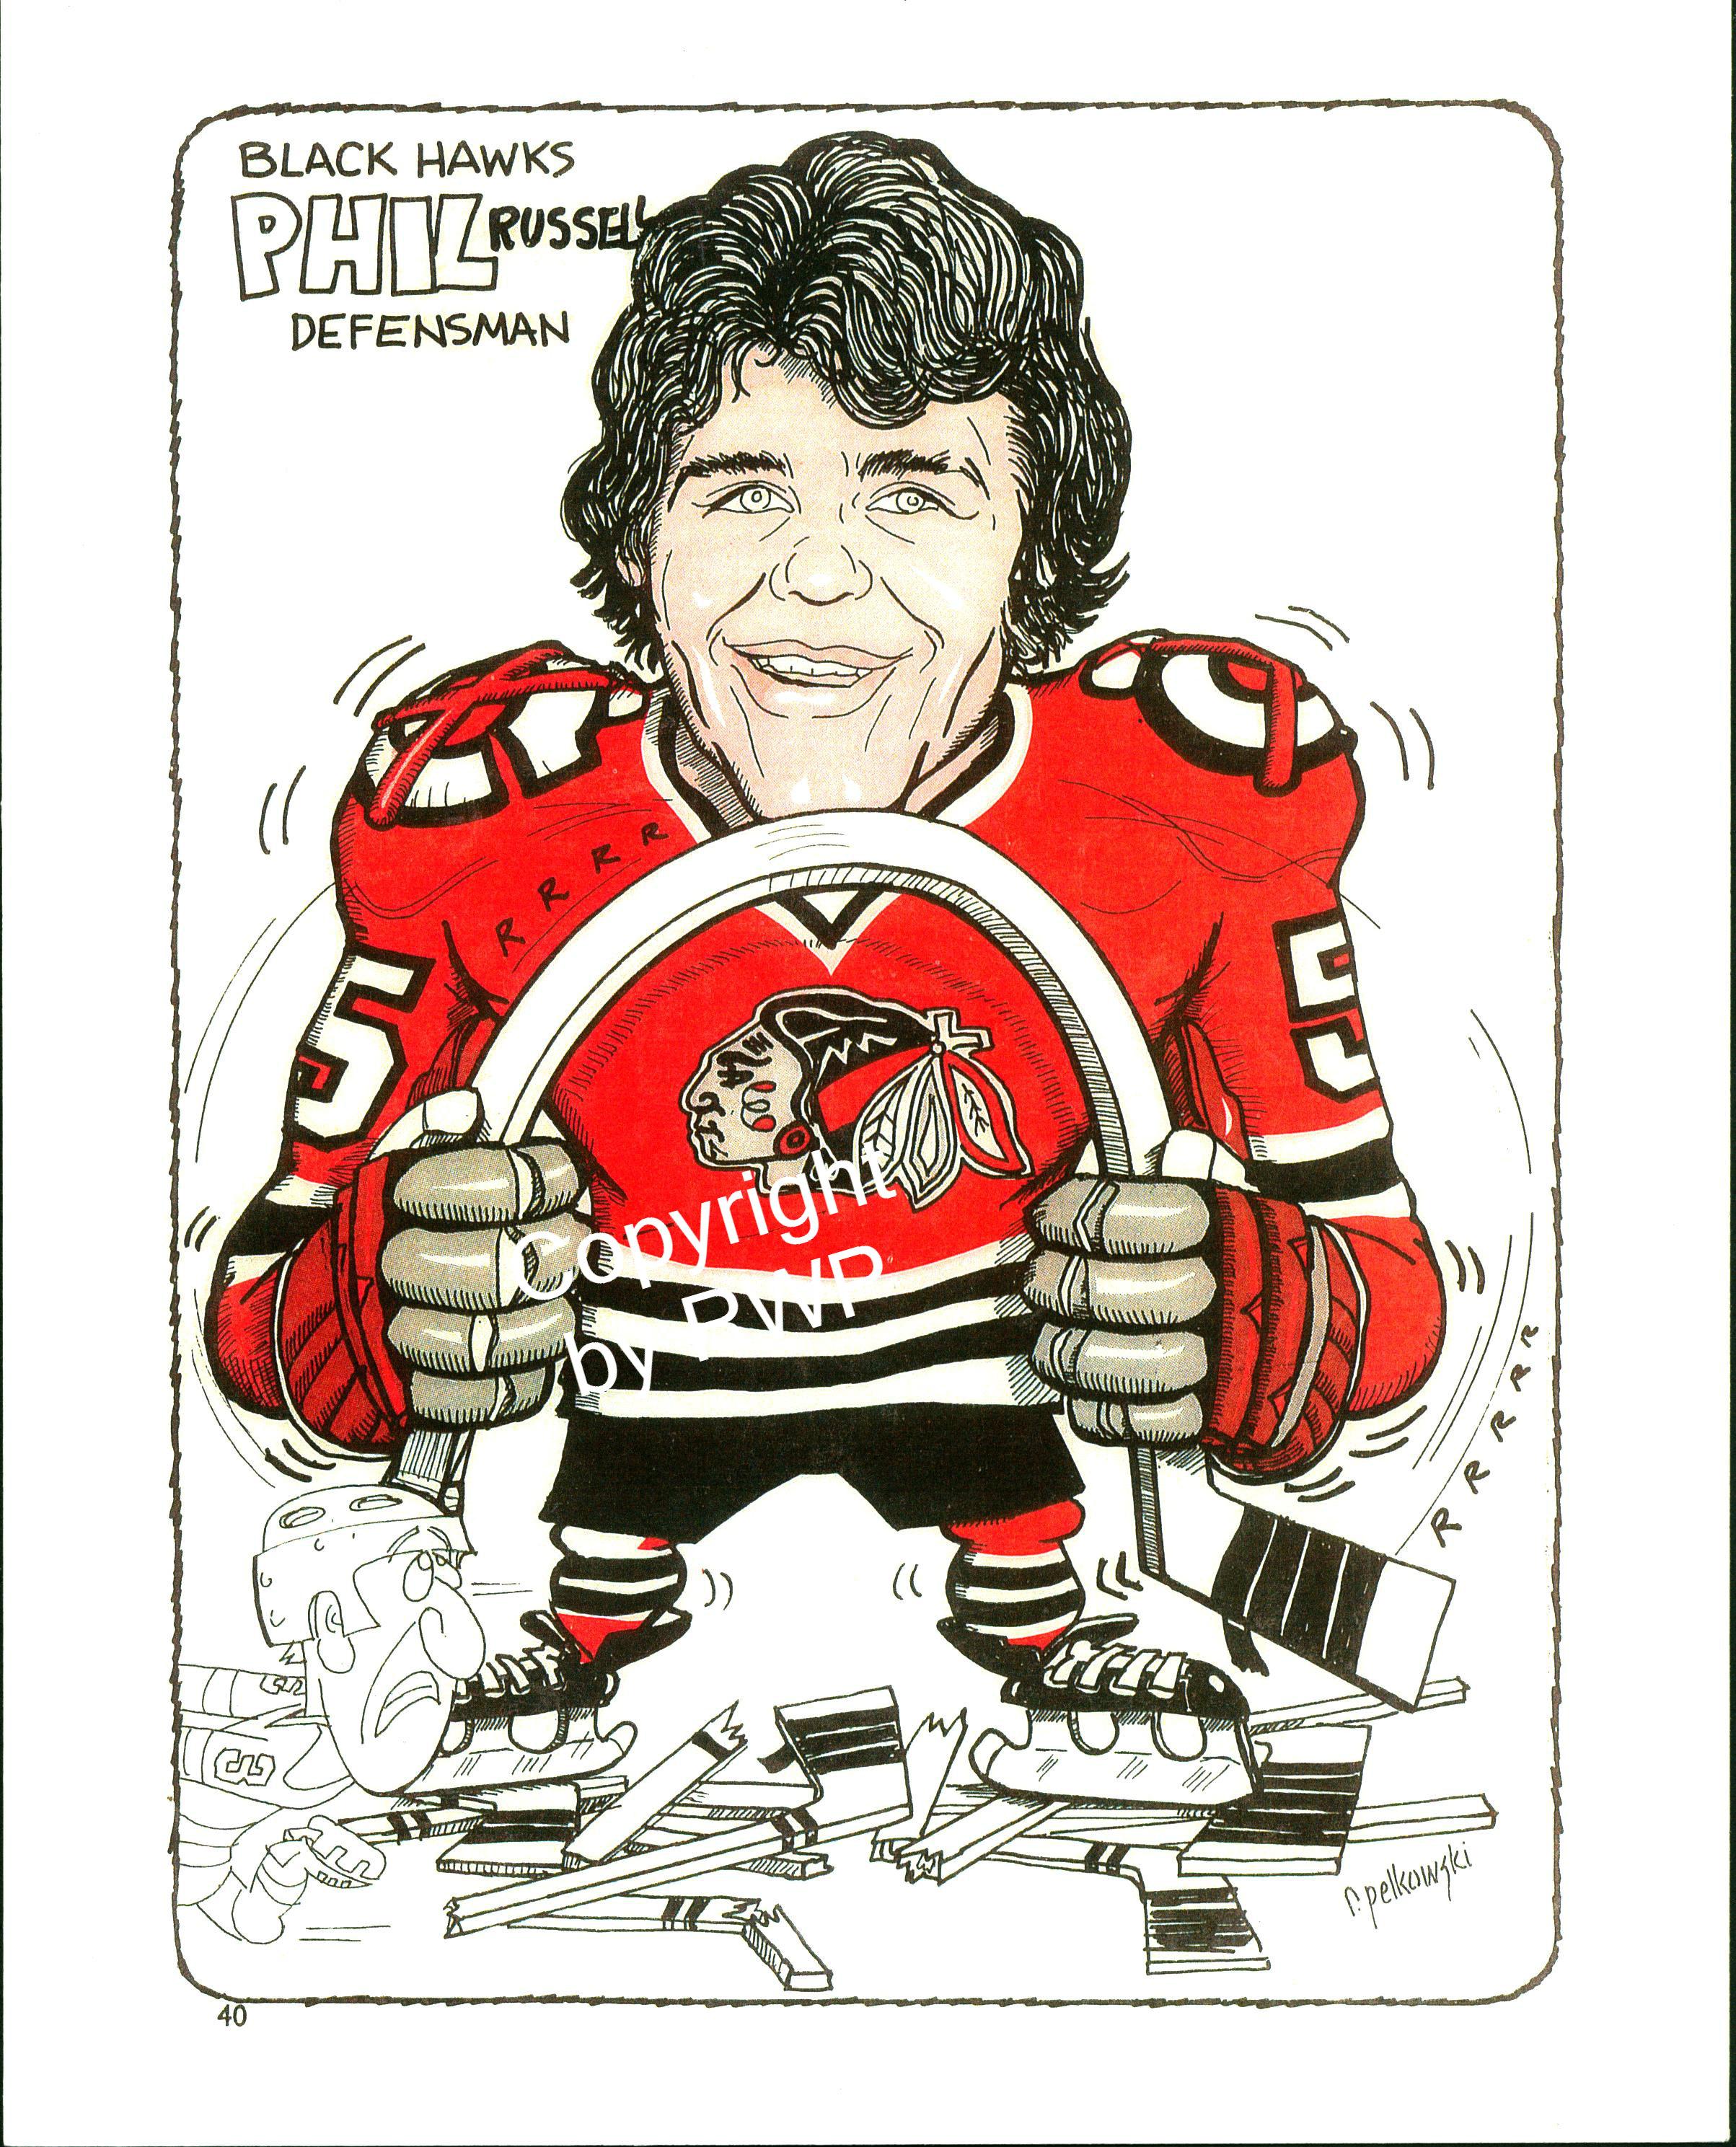 VINTAGE 70-80's BLACKHAWKS - PLAYERS